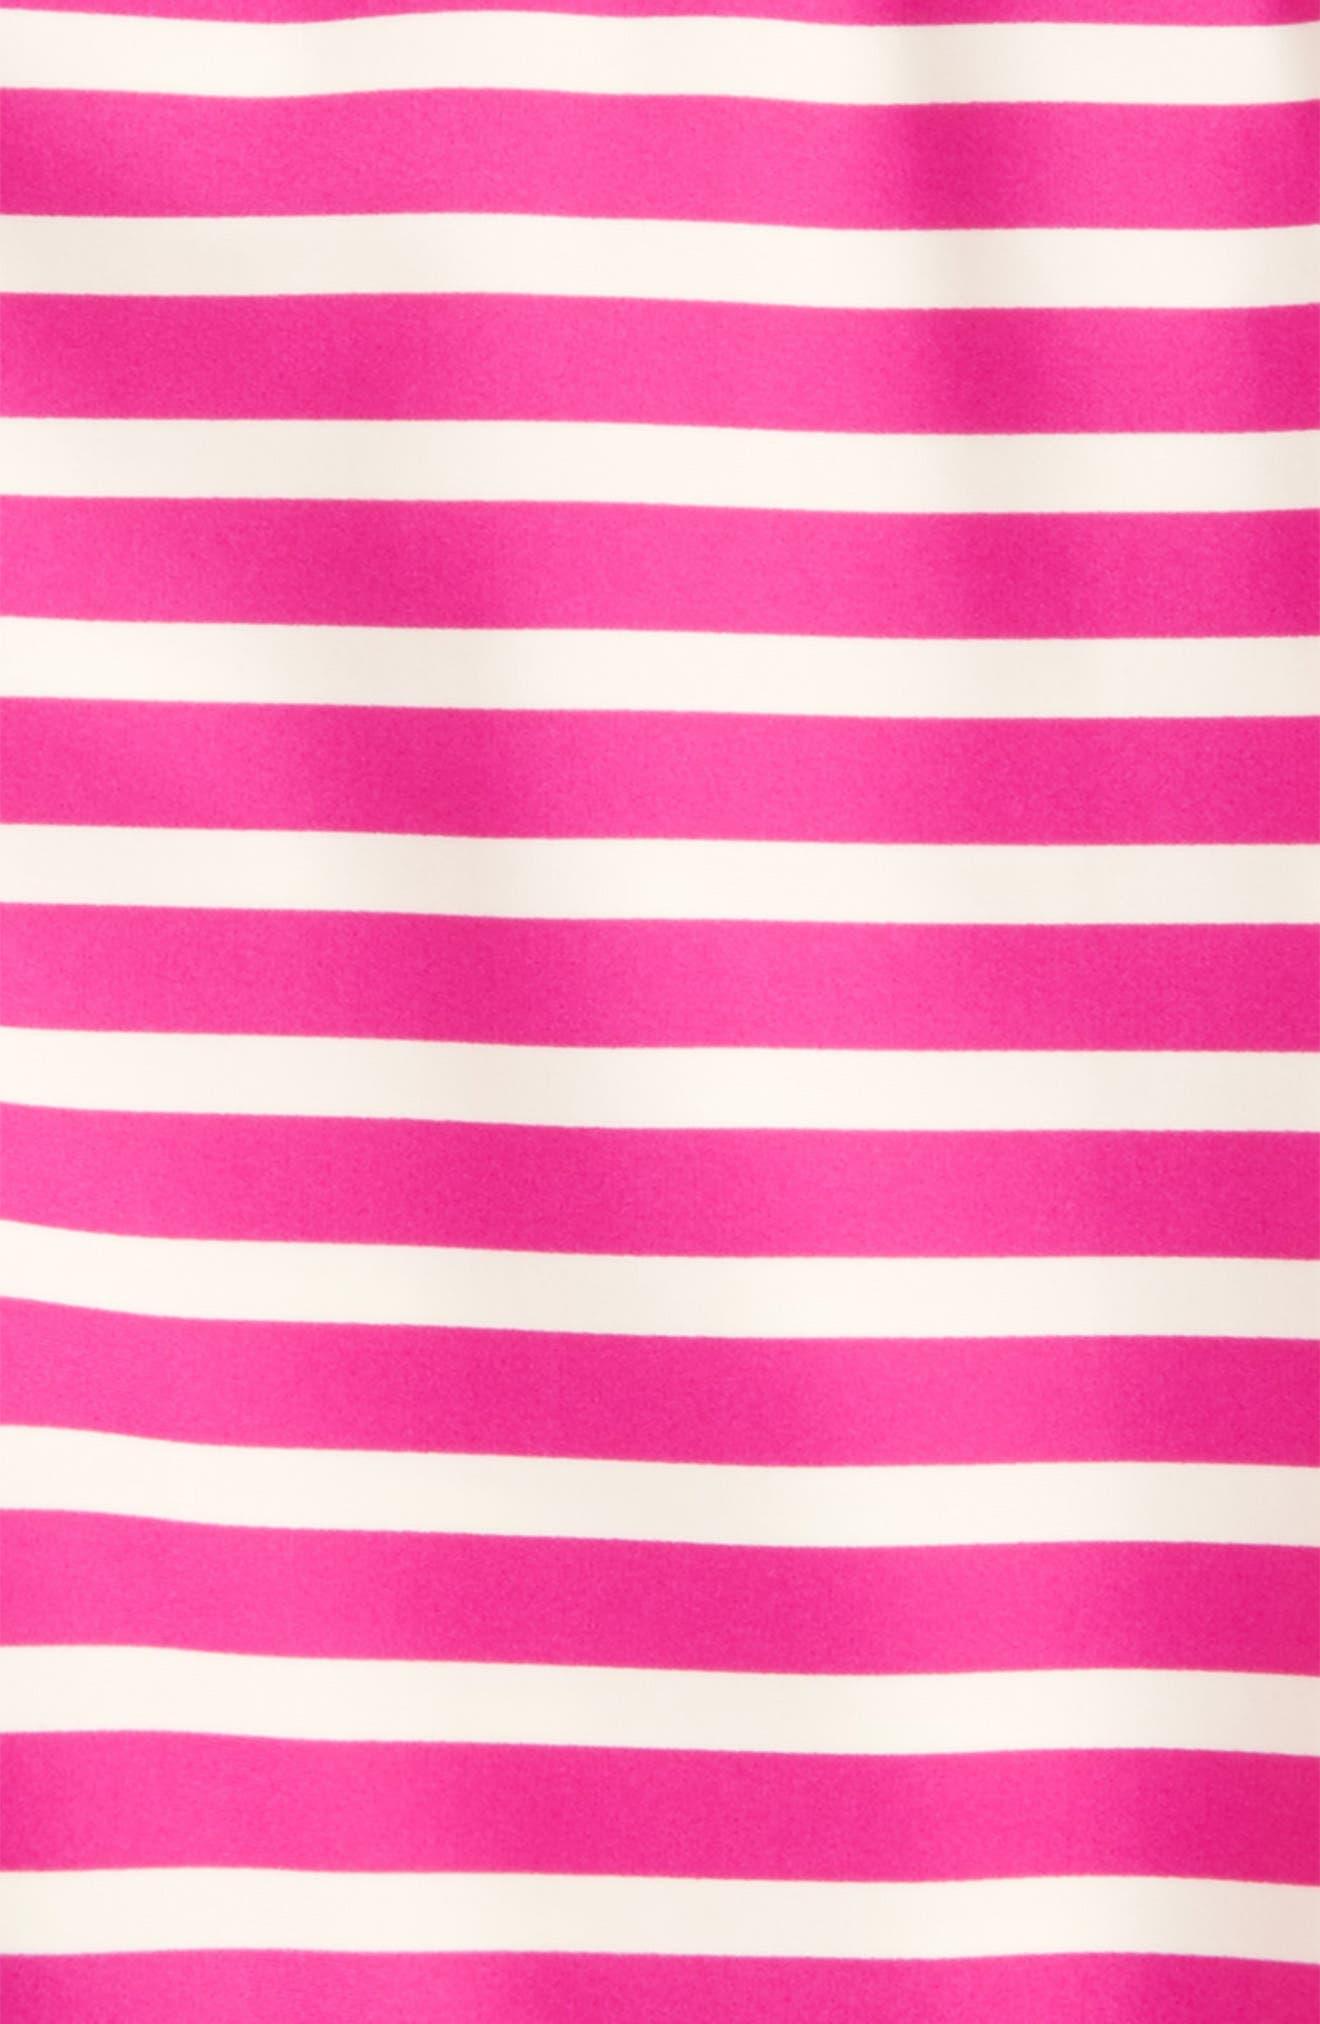 Stripe Short Sleeve Rashguard,                             Alternate thumbnail 4, color,